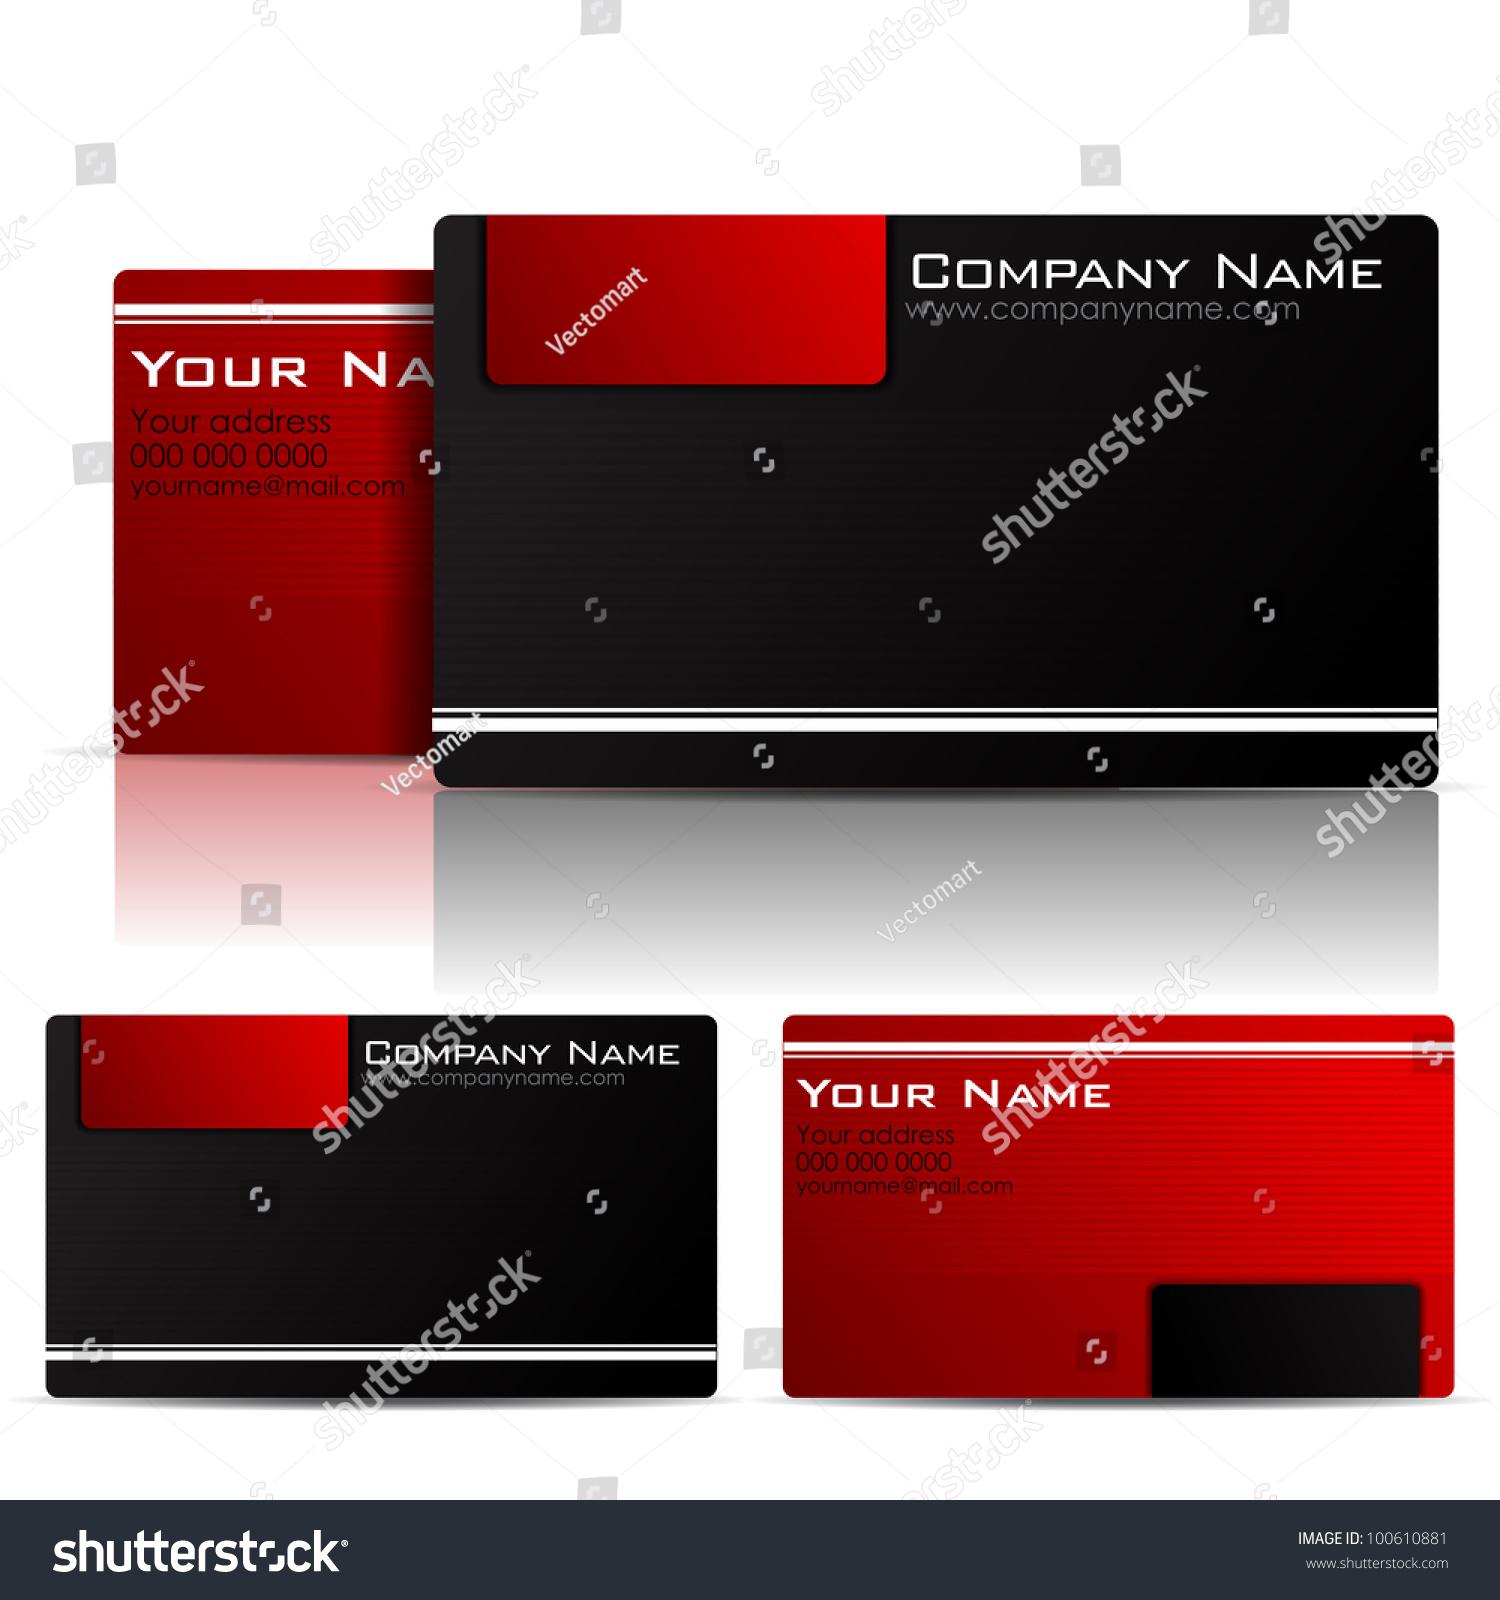 Vistaprint free business cards back images card design and card beautiful 250 free business cards vistaprint model business card vistaprint 250 free business cards free business reheart Choice Image